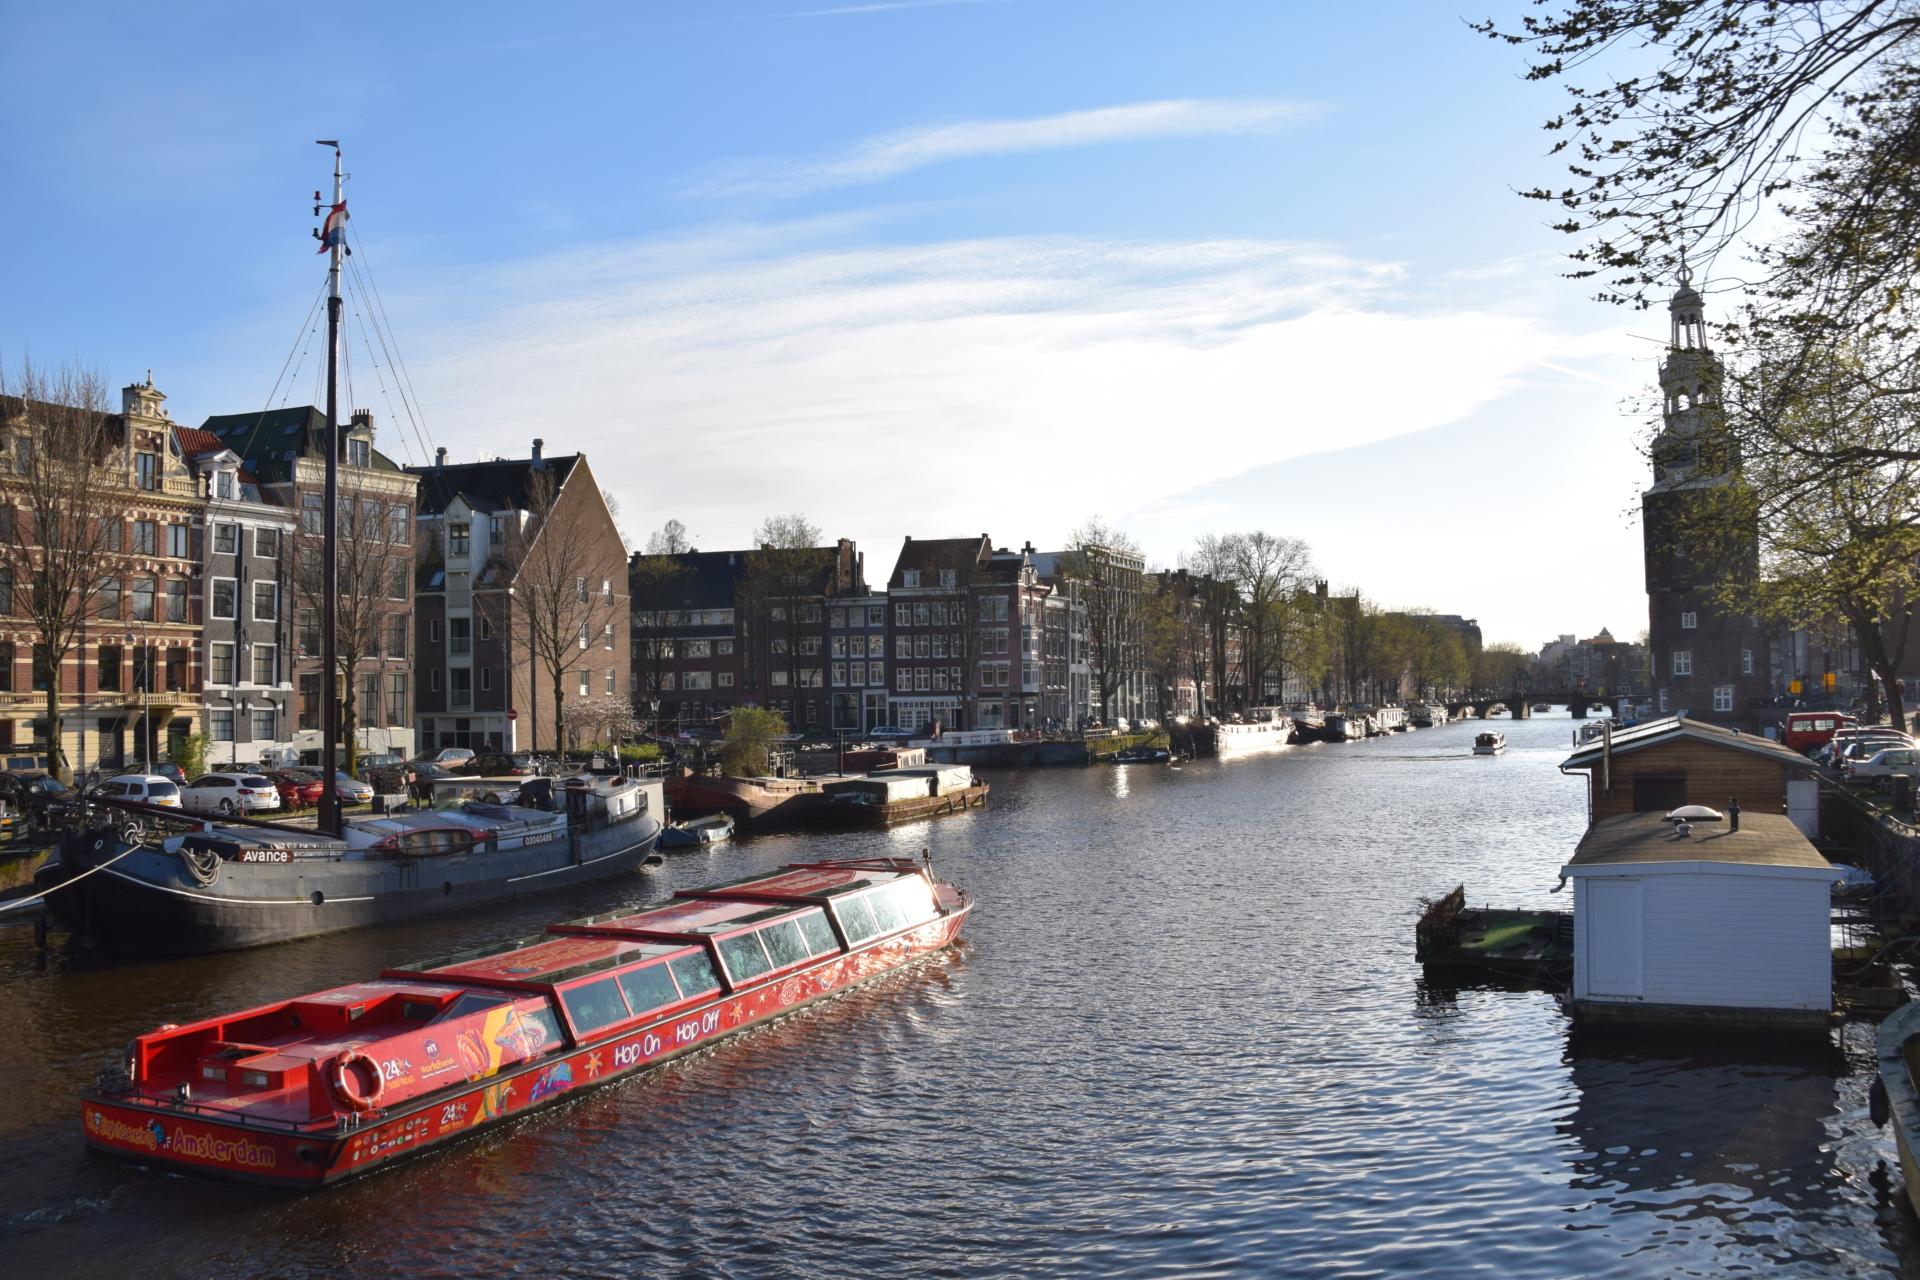 grachtenboot grachtenfahrt amsterdam holland niederlande